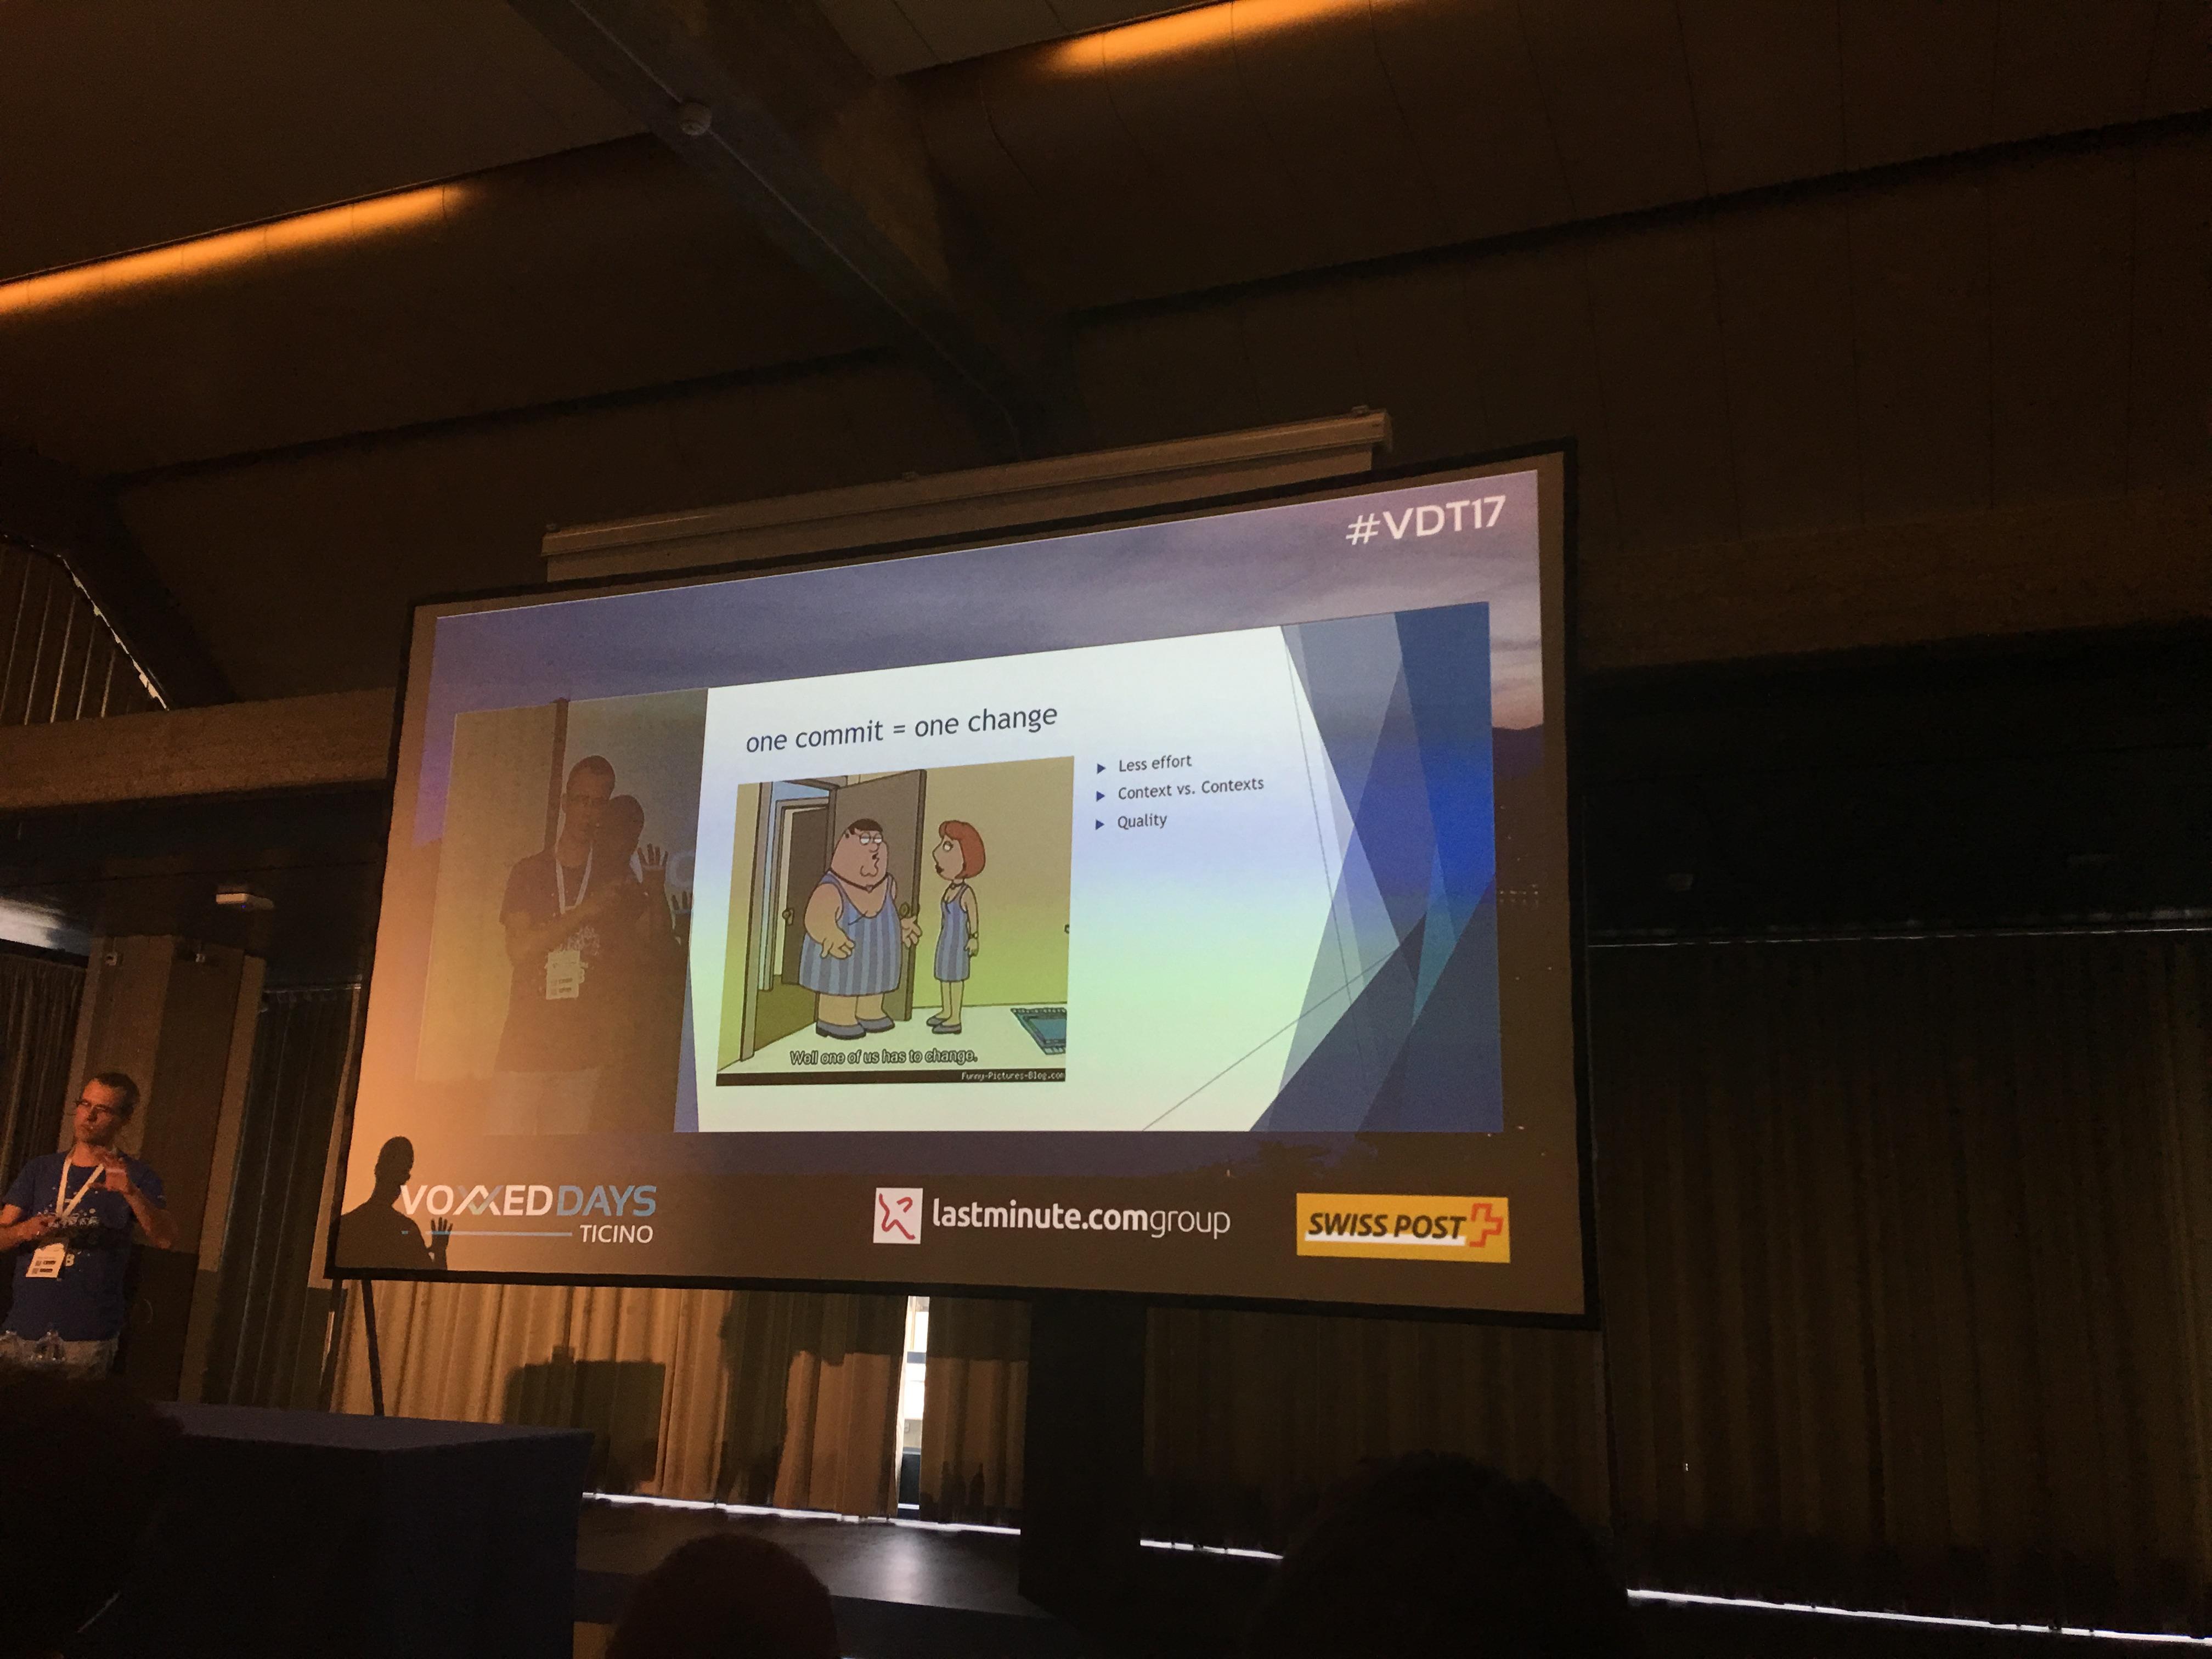 Slide da un talk da Voxxed Days Ticino 2017